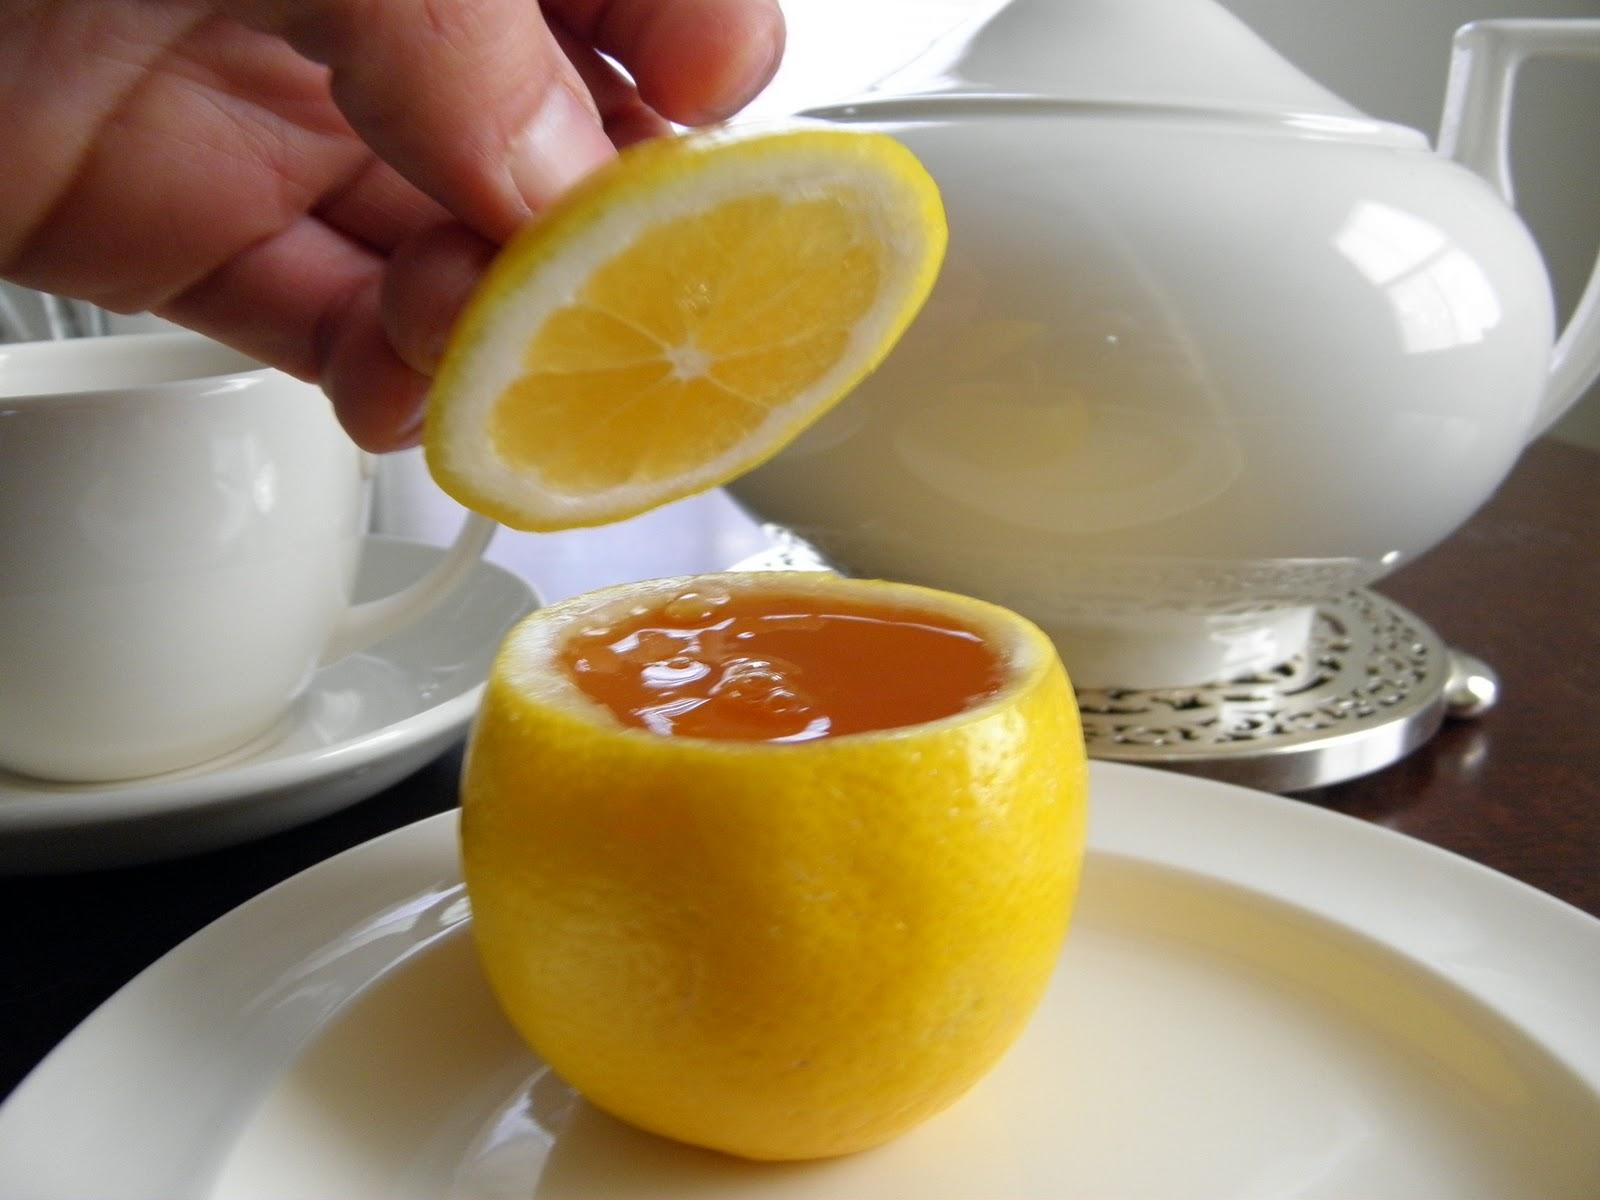 أفضل نوع عسل للتخسيس